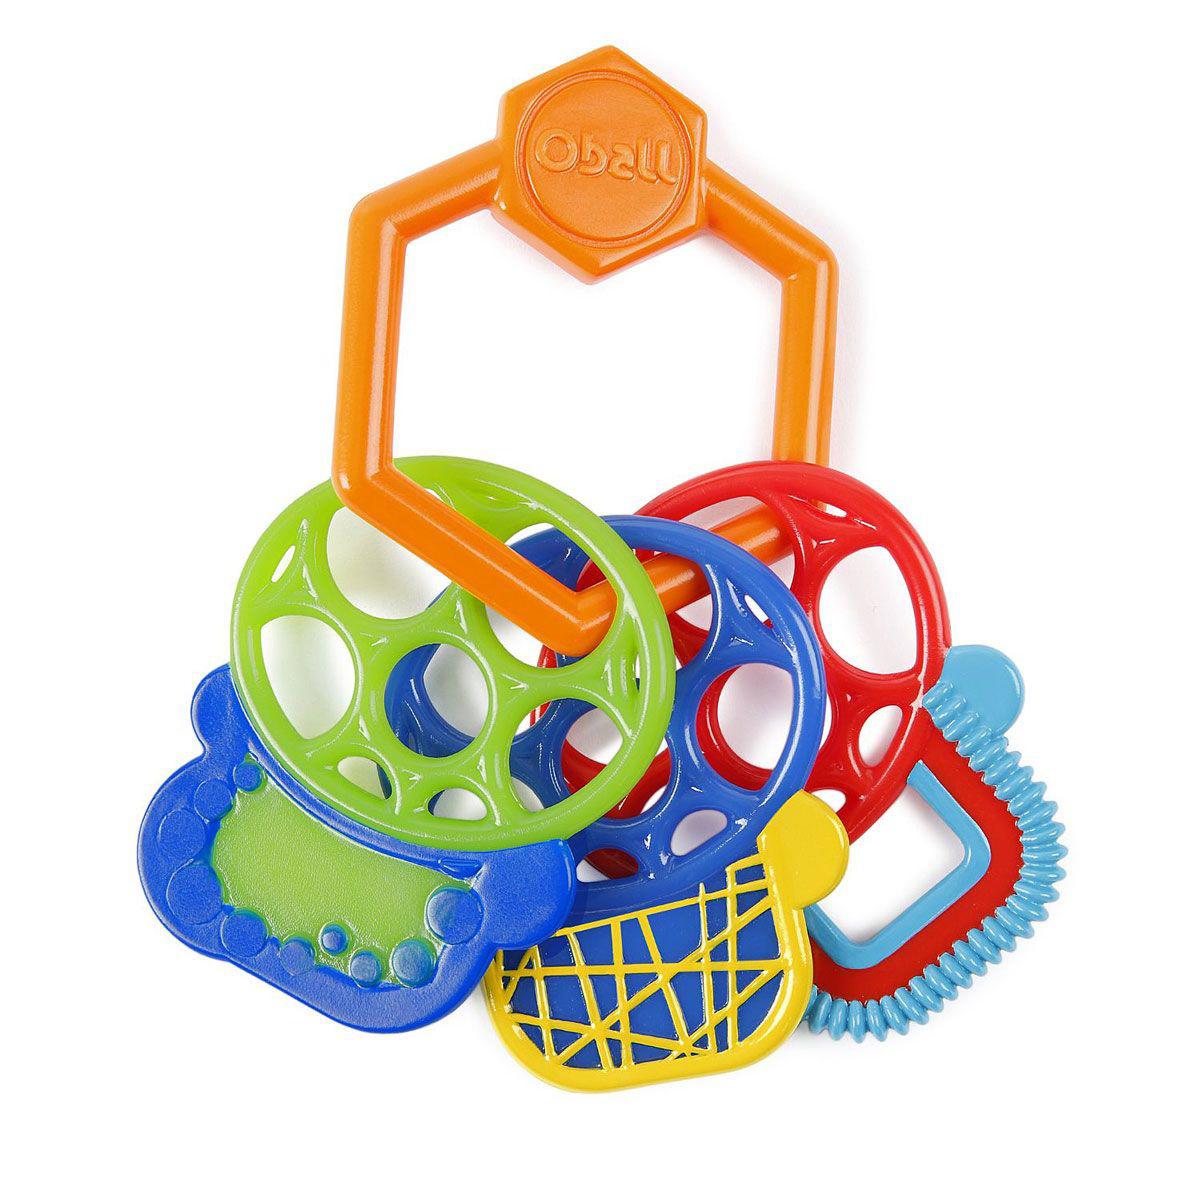 Прорезыватель для зубок - Разноцветные ключикиДетские погремушки и подвесные игрушки на кроватку<br>Прорезыватель для зубок - Разноцветные ключики<br>